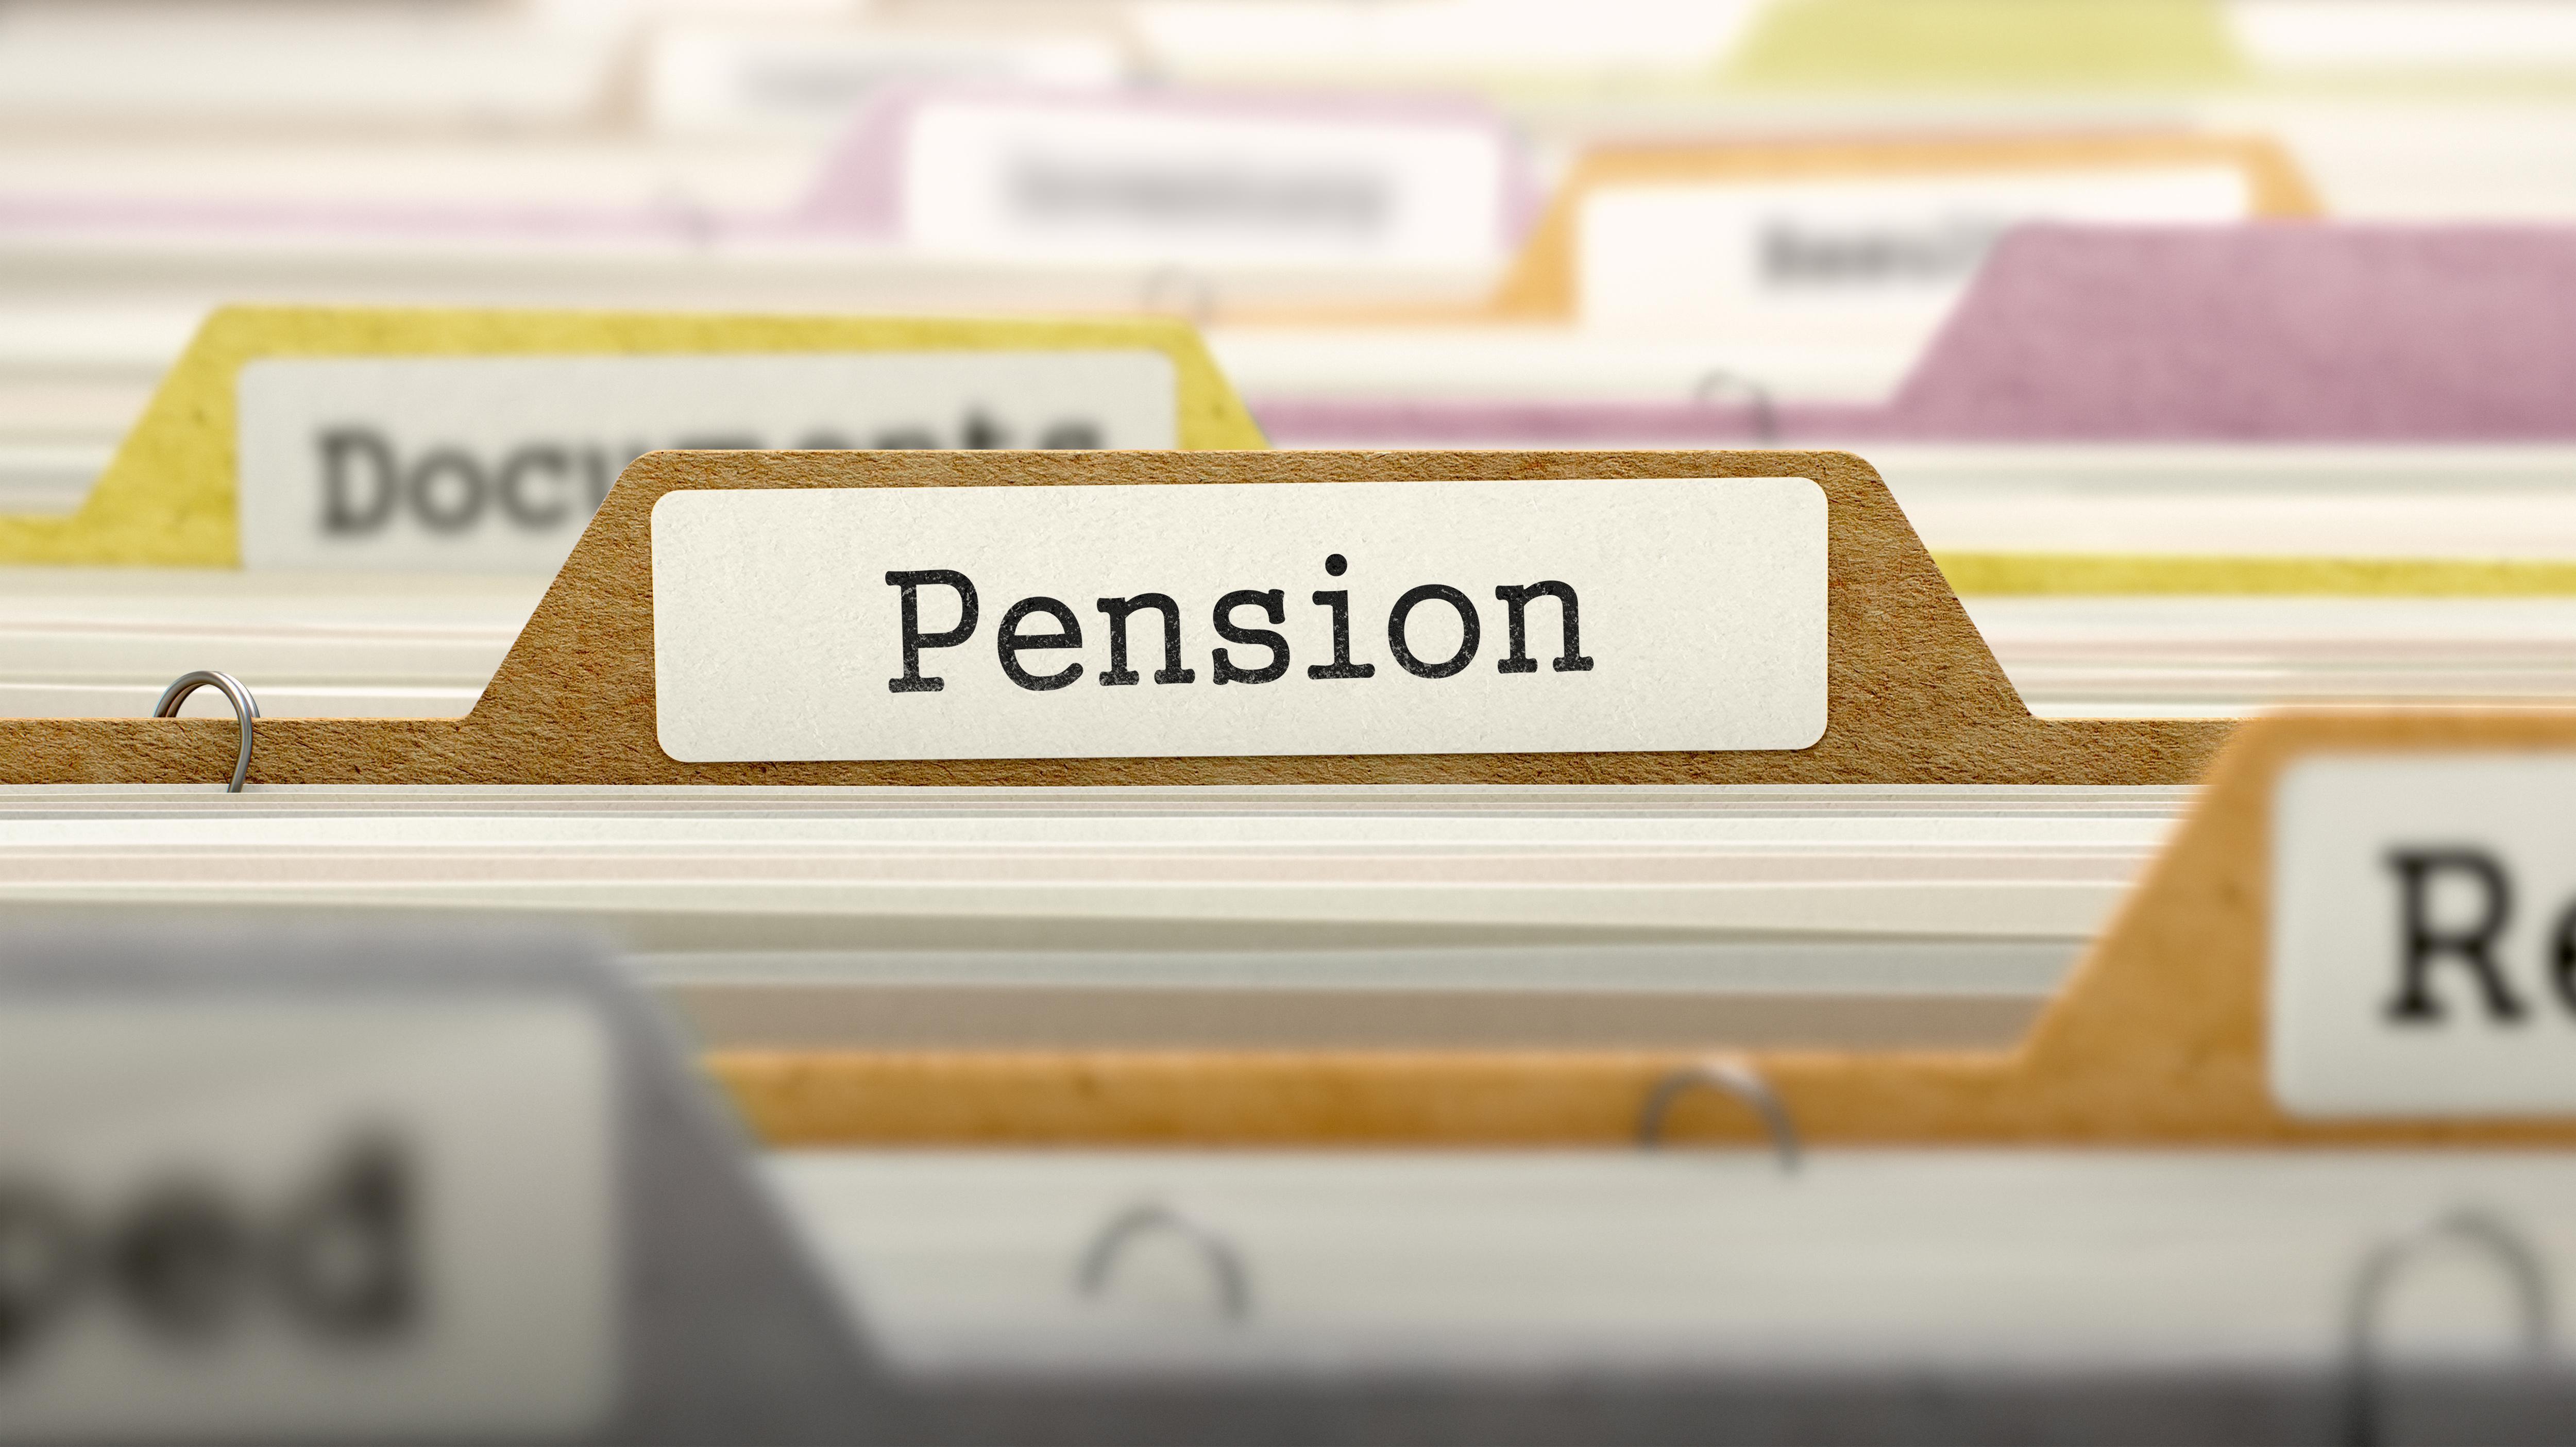 老後 資金 いくら 老後の生活費としてかかるお金は27万円、貯蓄額1974万円【2020年版・...